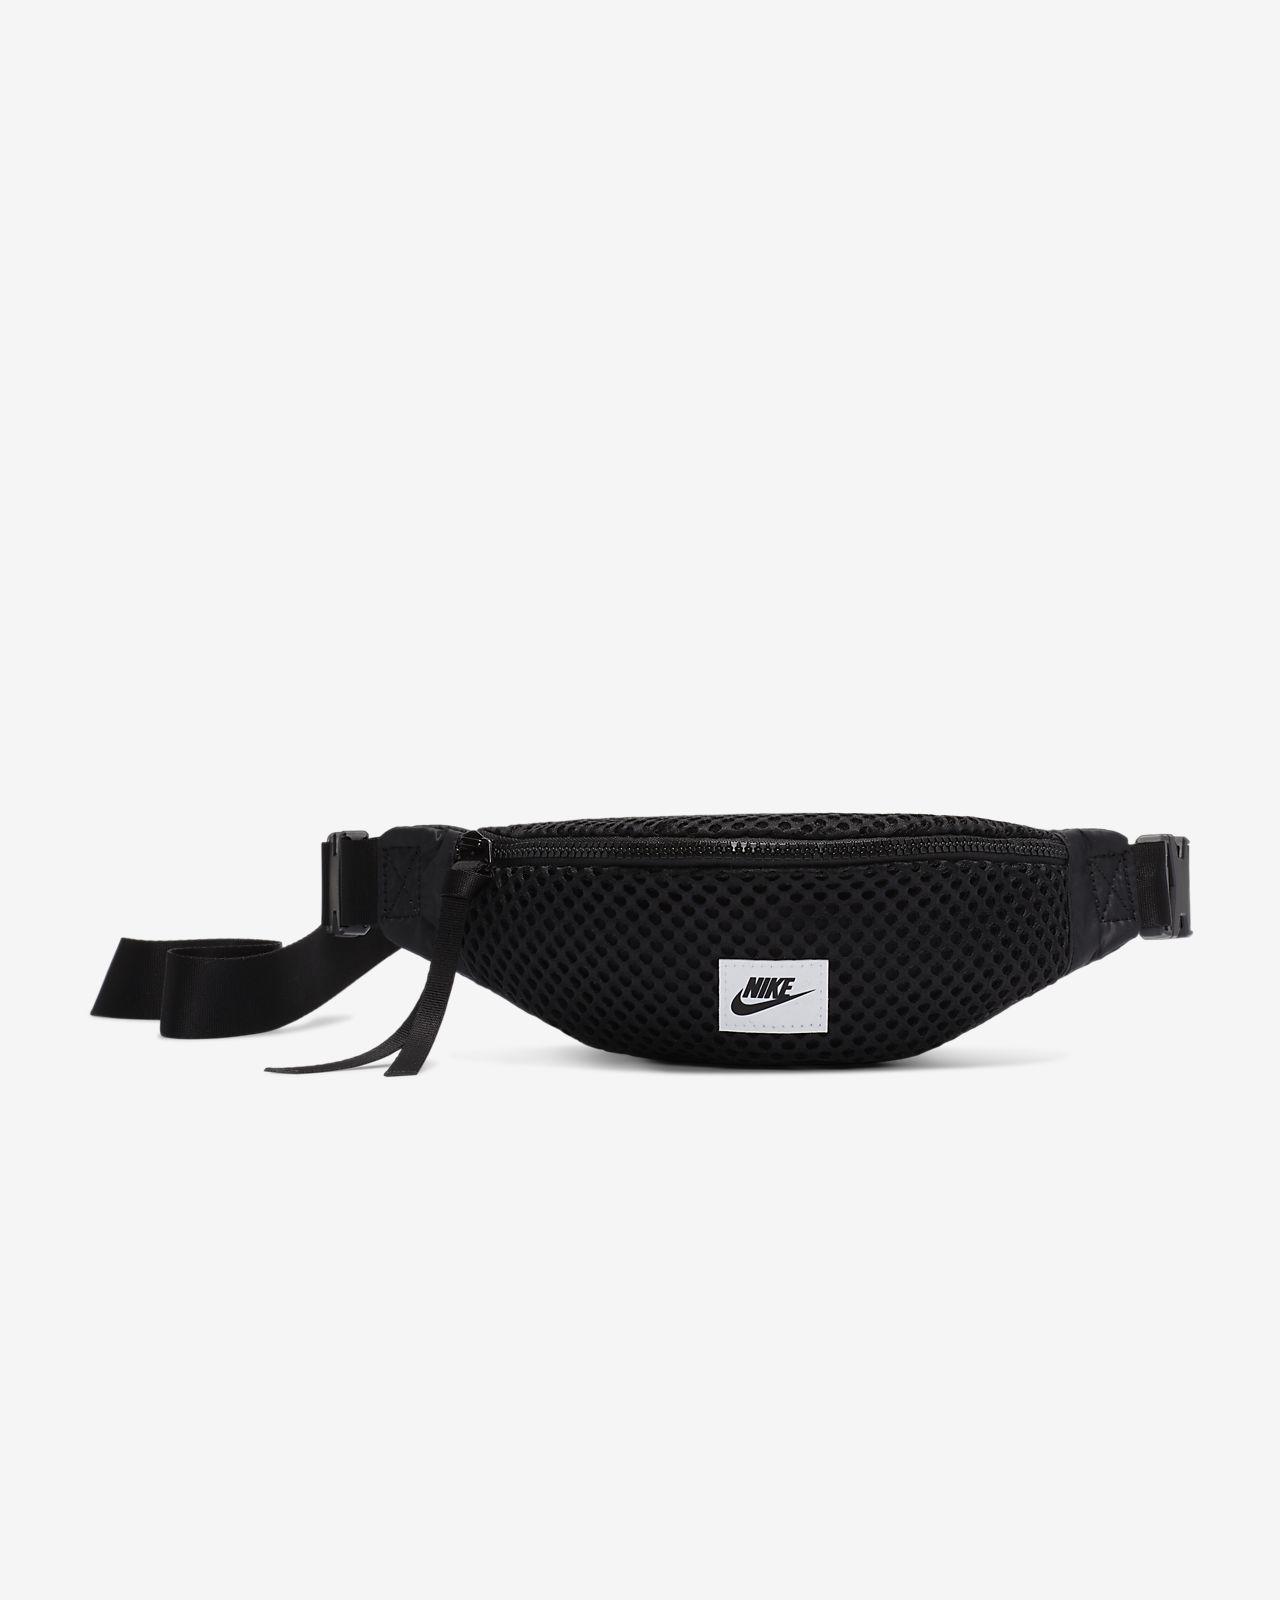 Поясная сумка Nike Air (для мелких предметов)